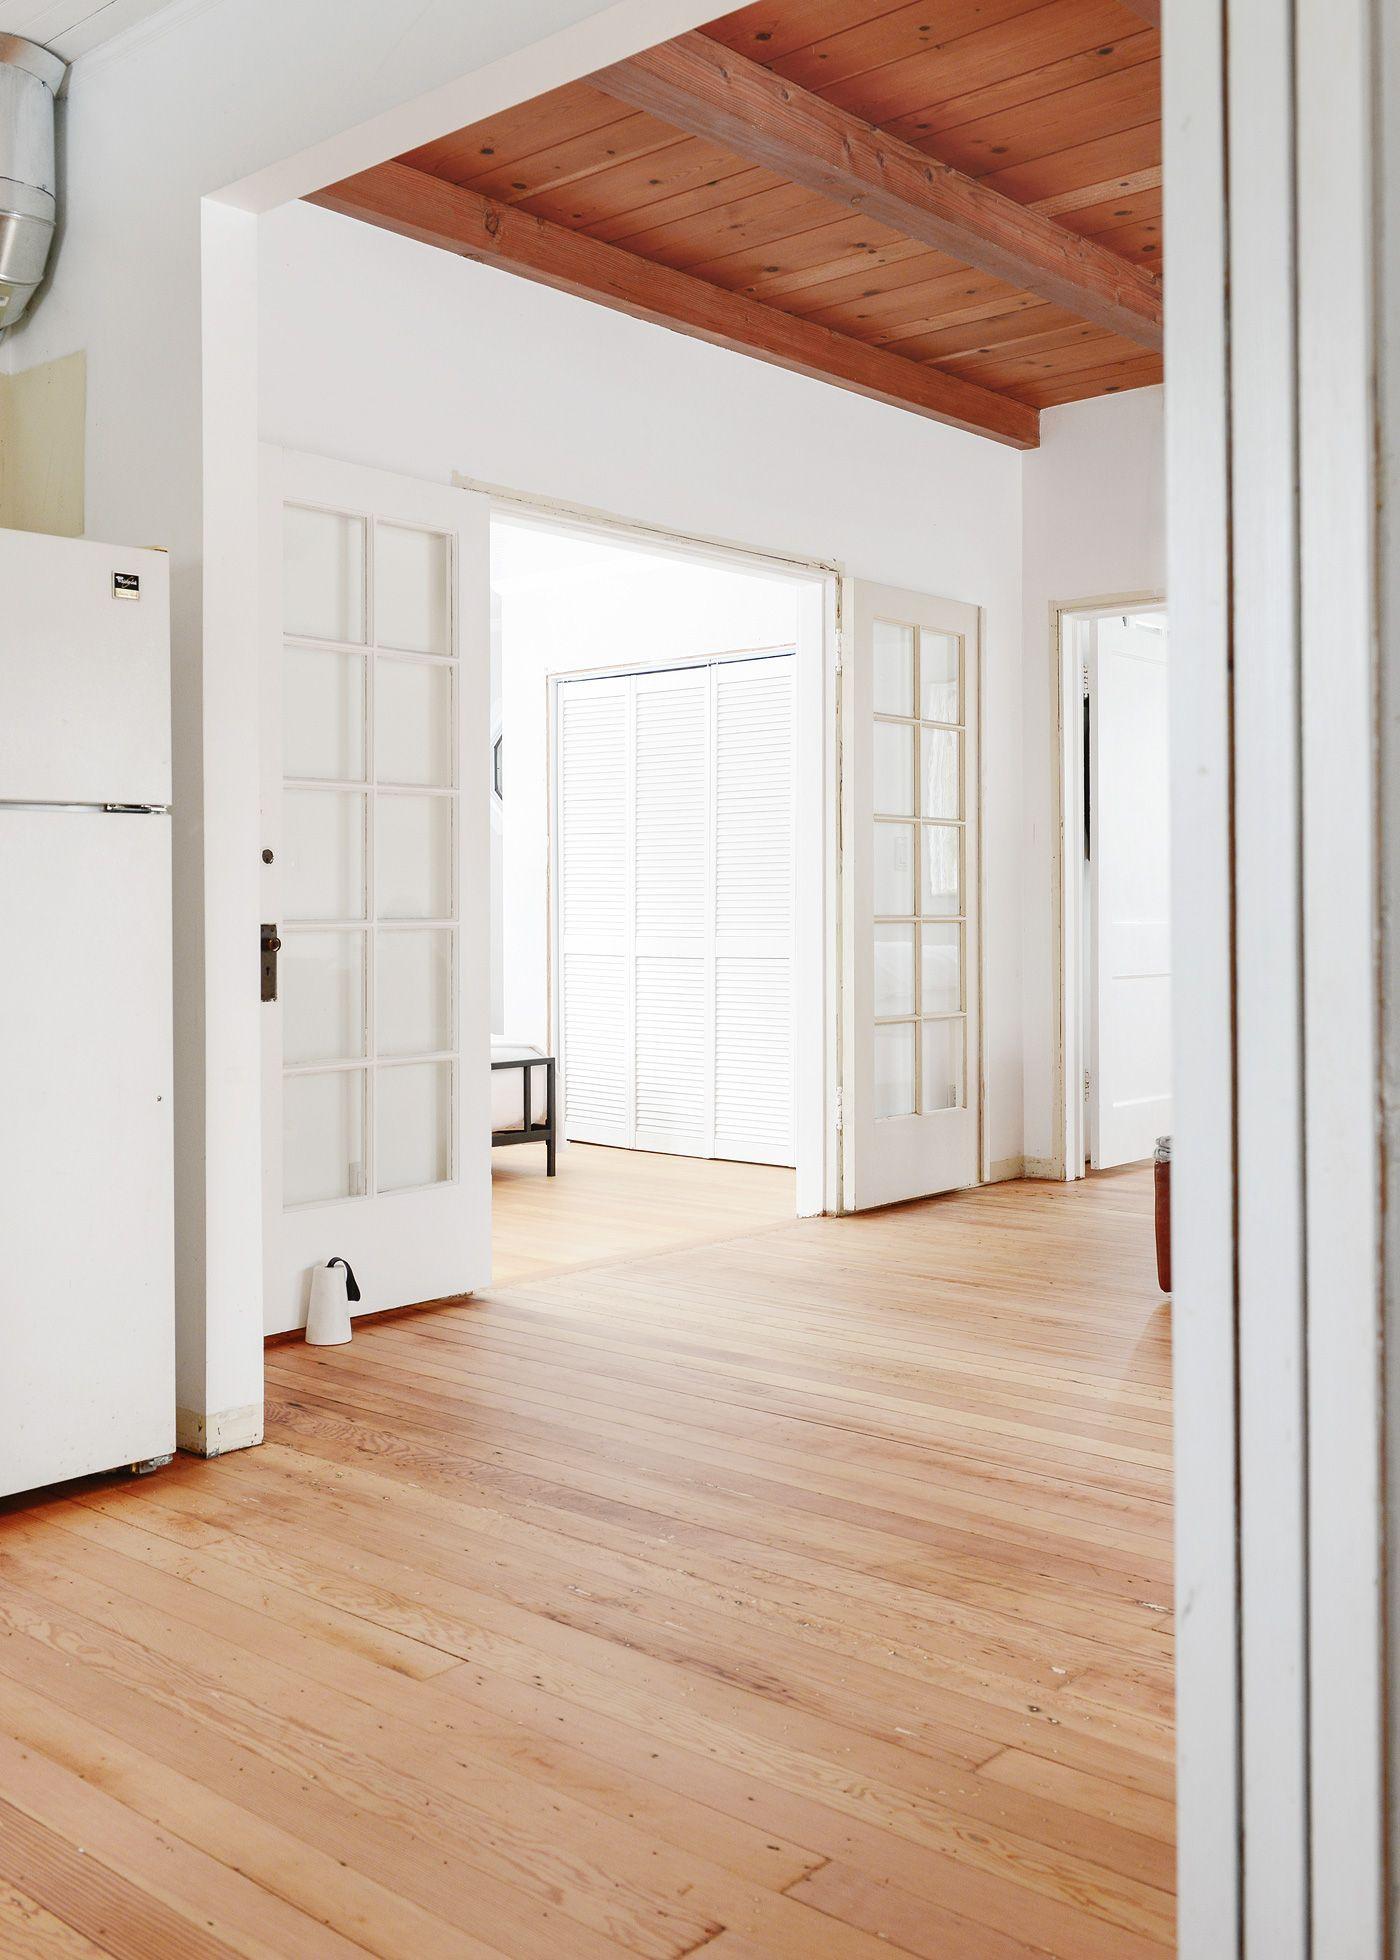 The Most Drastic Change Our Tree House Has Seen Douglas Fir Flooring Douglas Fir Wood Flooring House Flooring